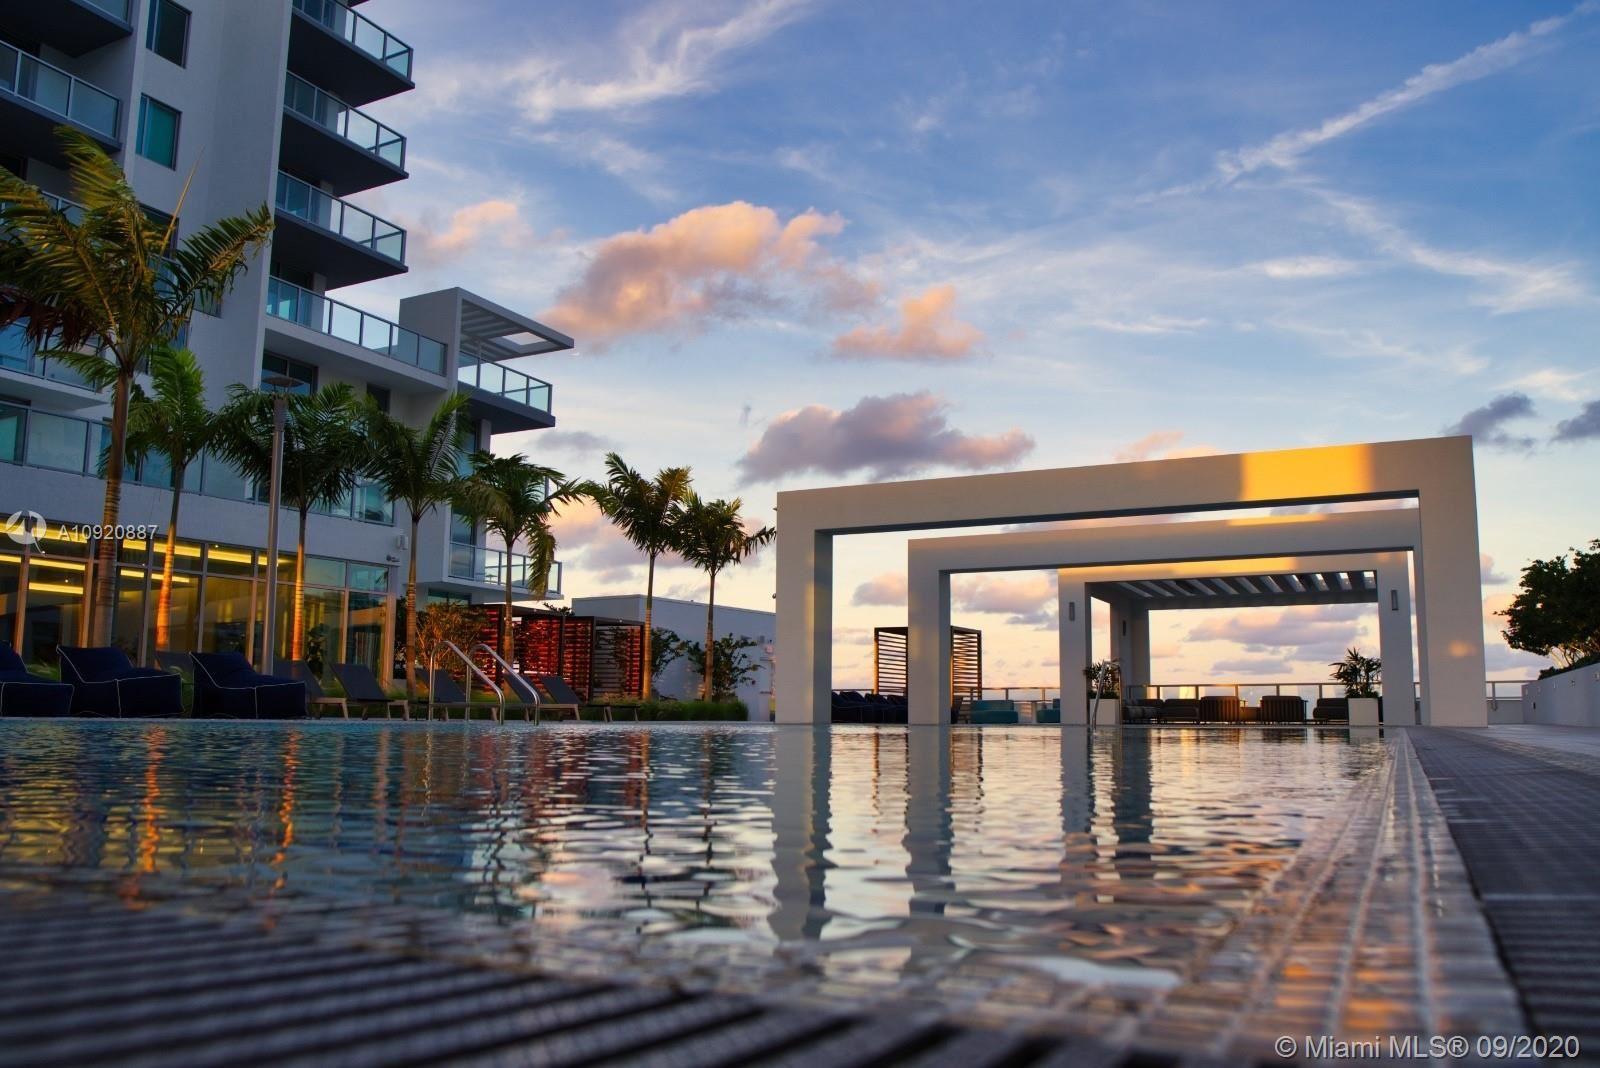 3900 Biscayne Blvd #S-206, Miami, FL 33137 - #: A10920887